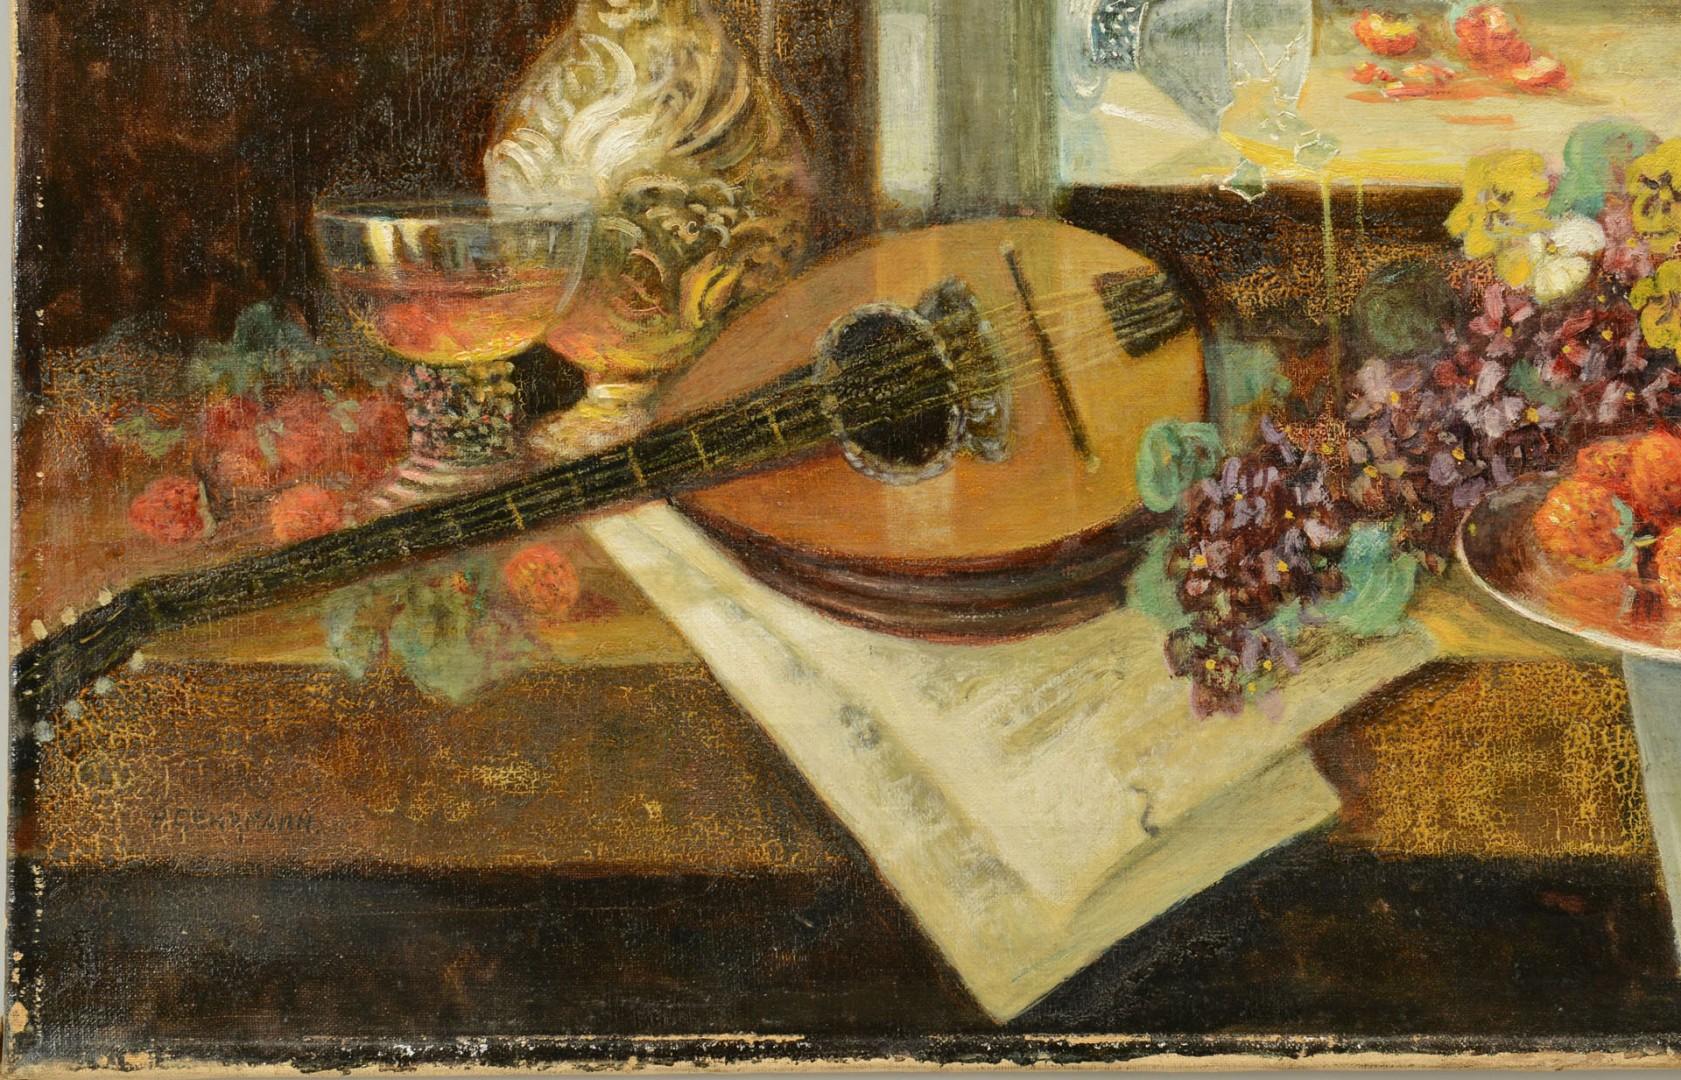 Lot 388: Paul Gehrmann, Still Life, Oil on Canvas